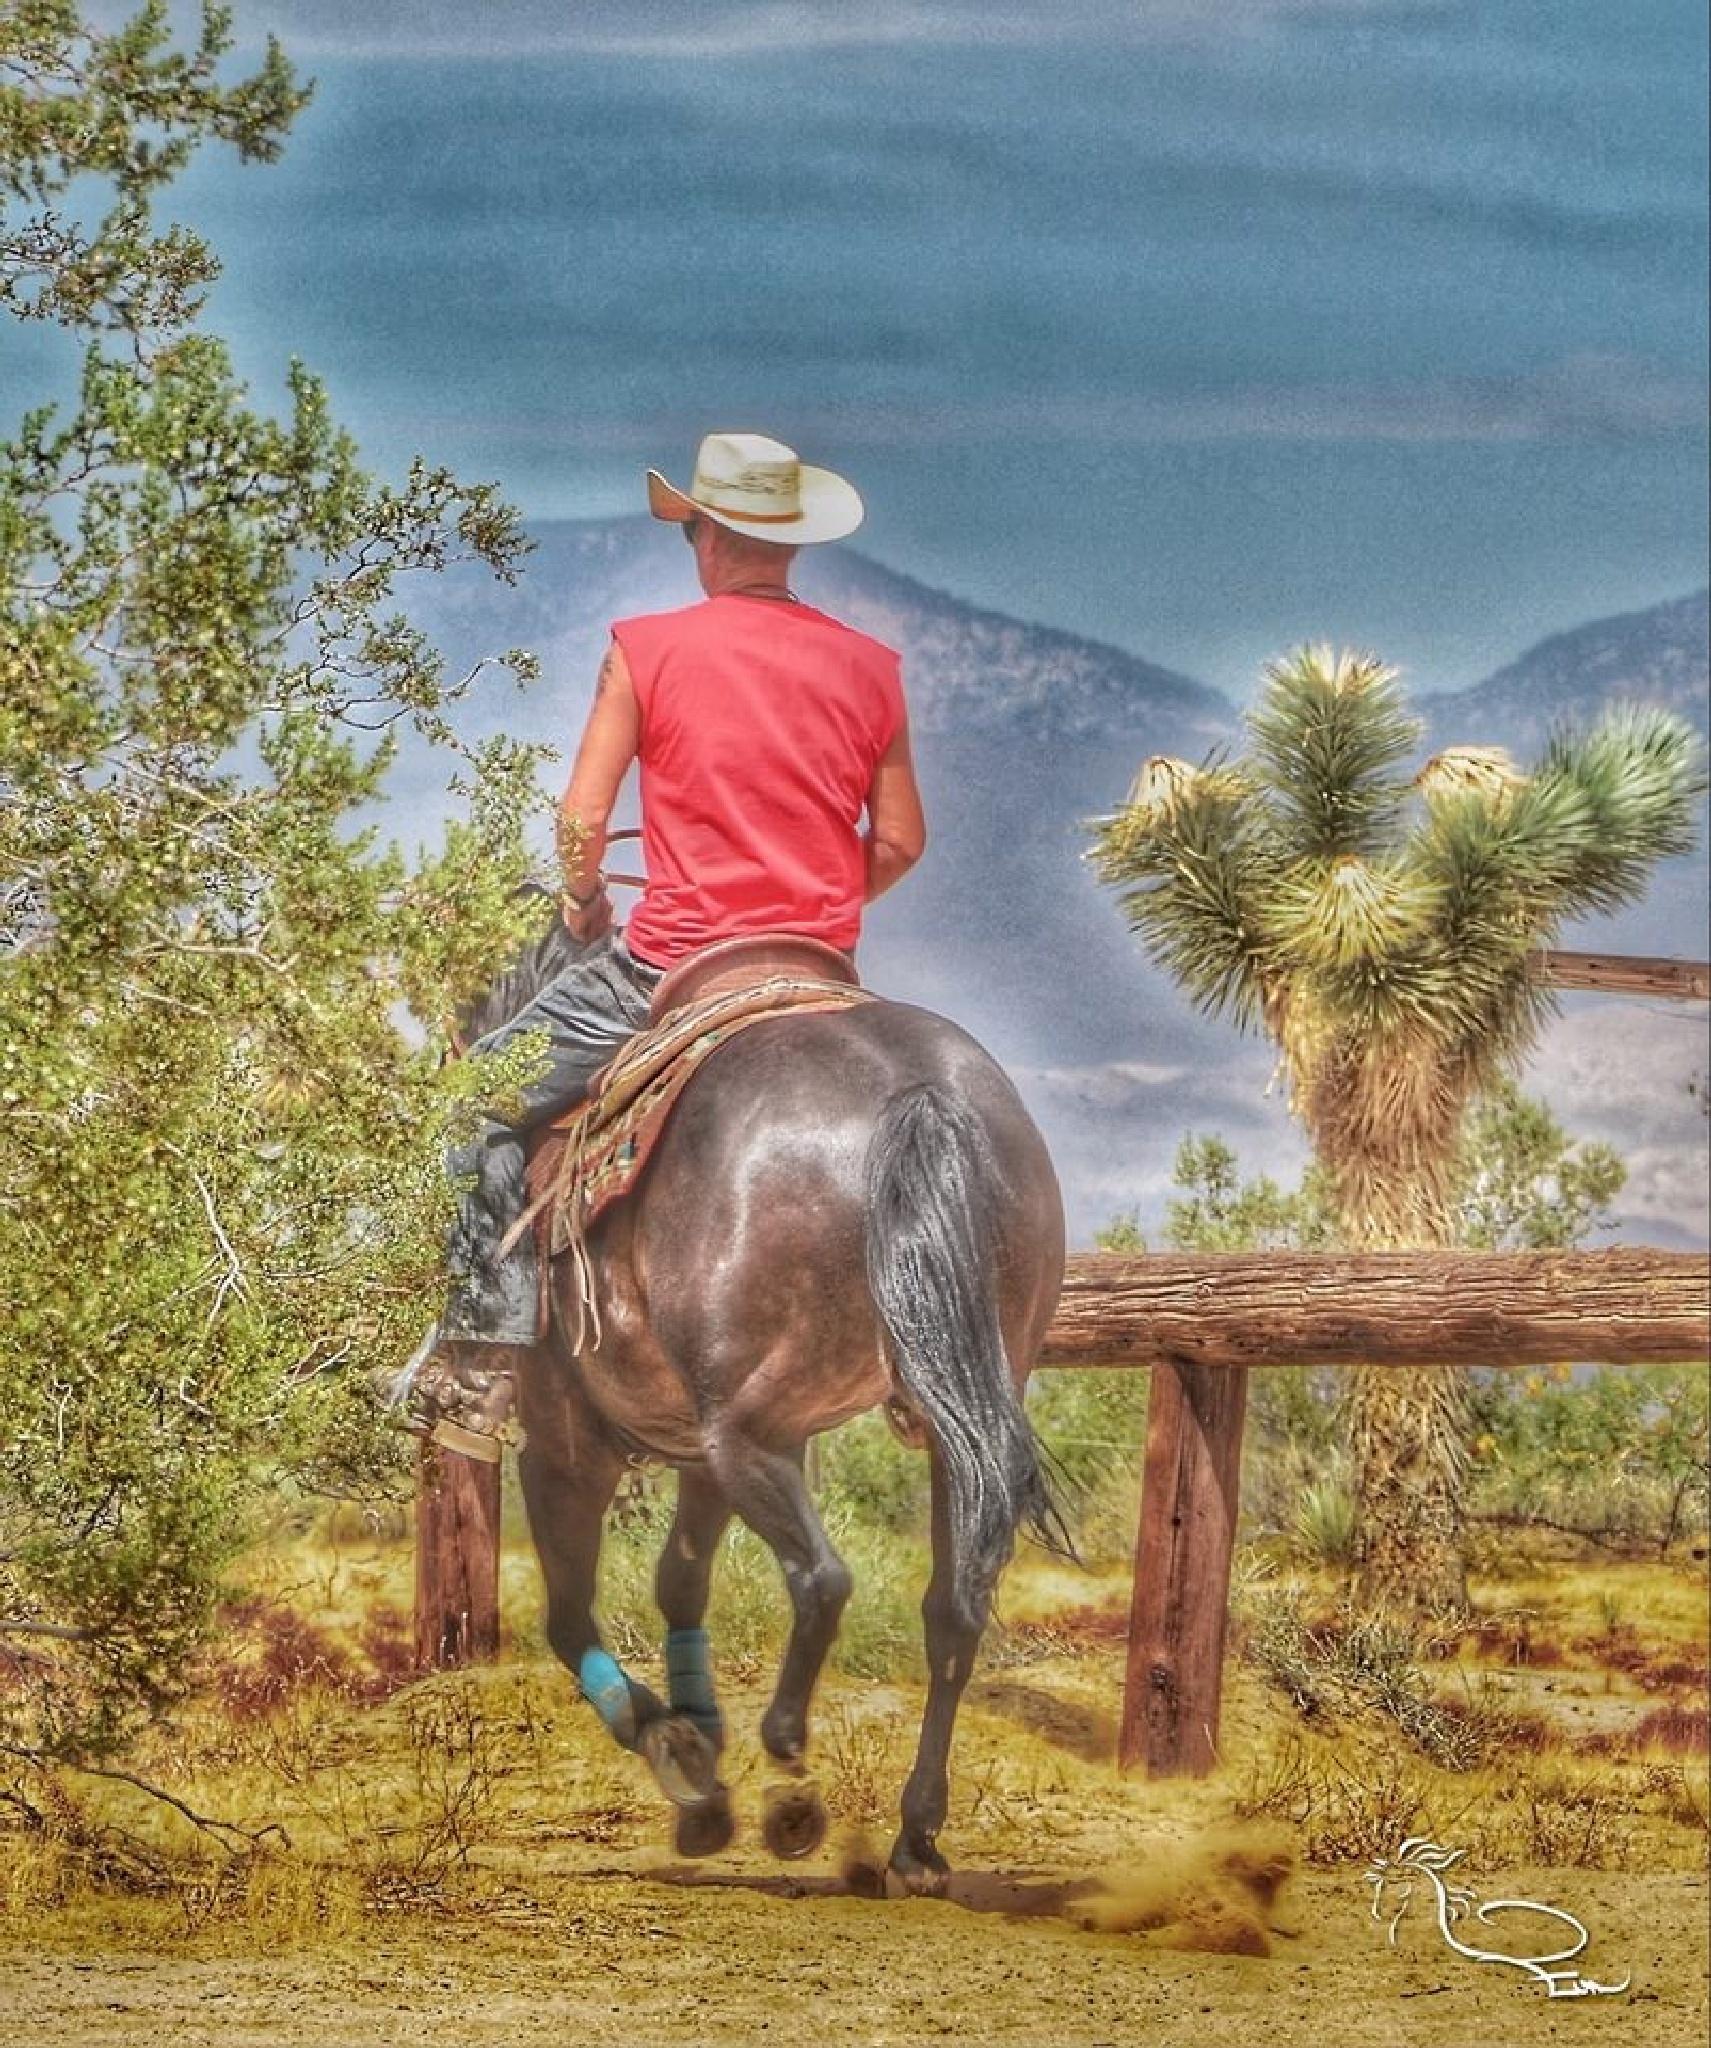 Western Riding in The High Desert California Style by Evon Schaar Kurtz